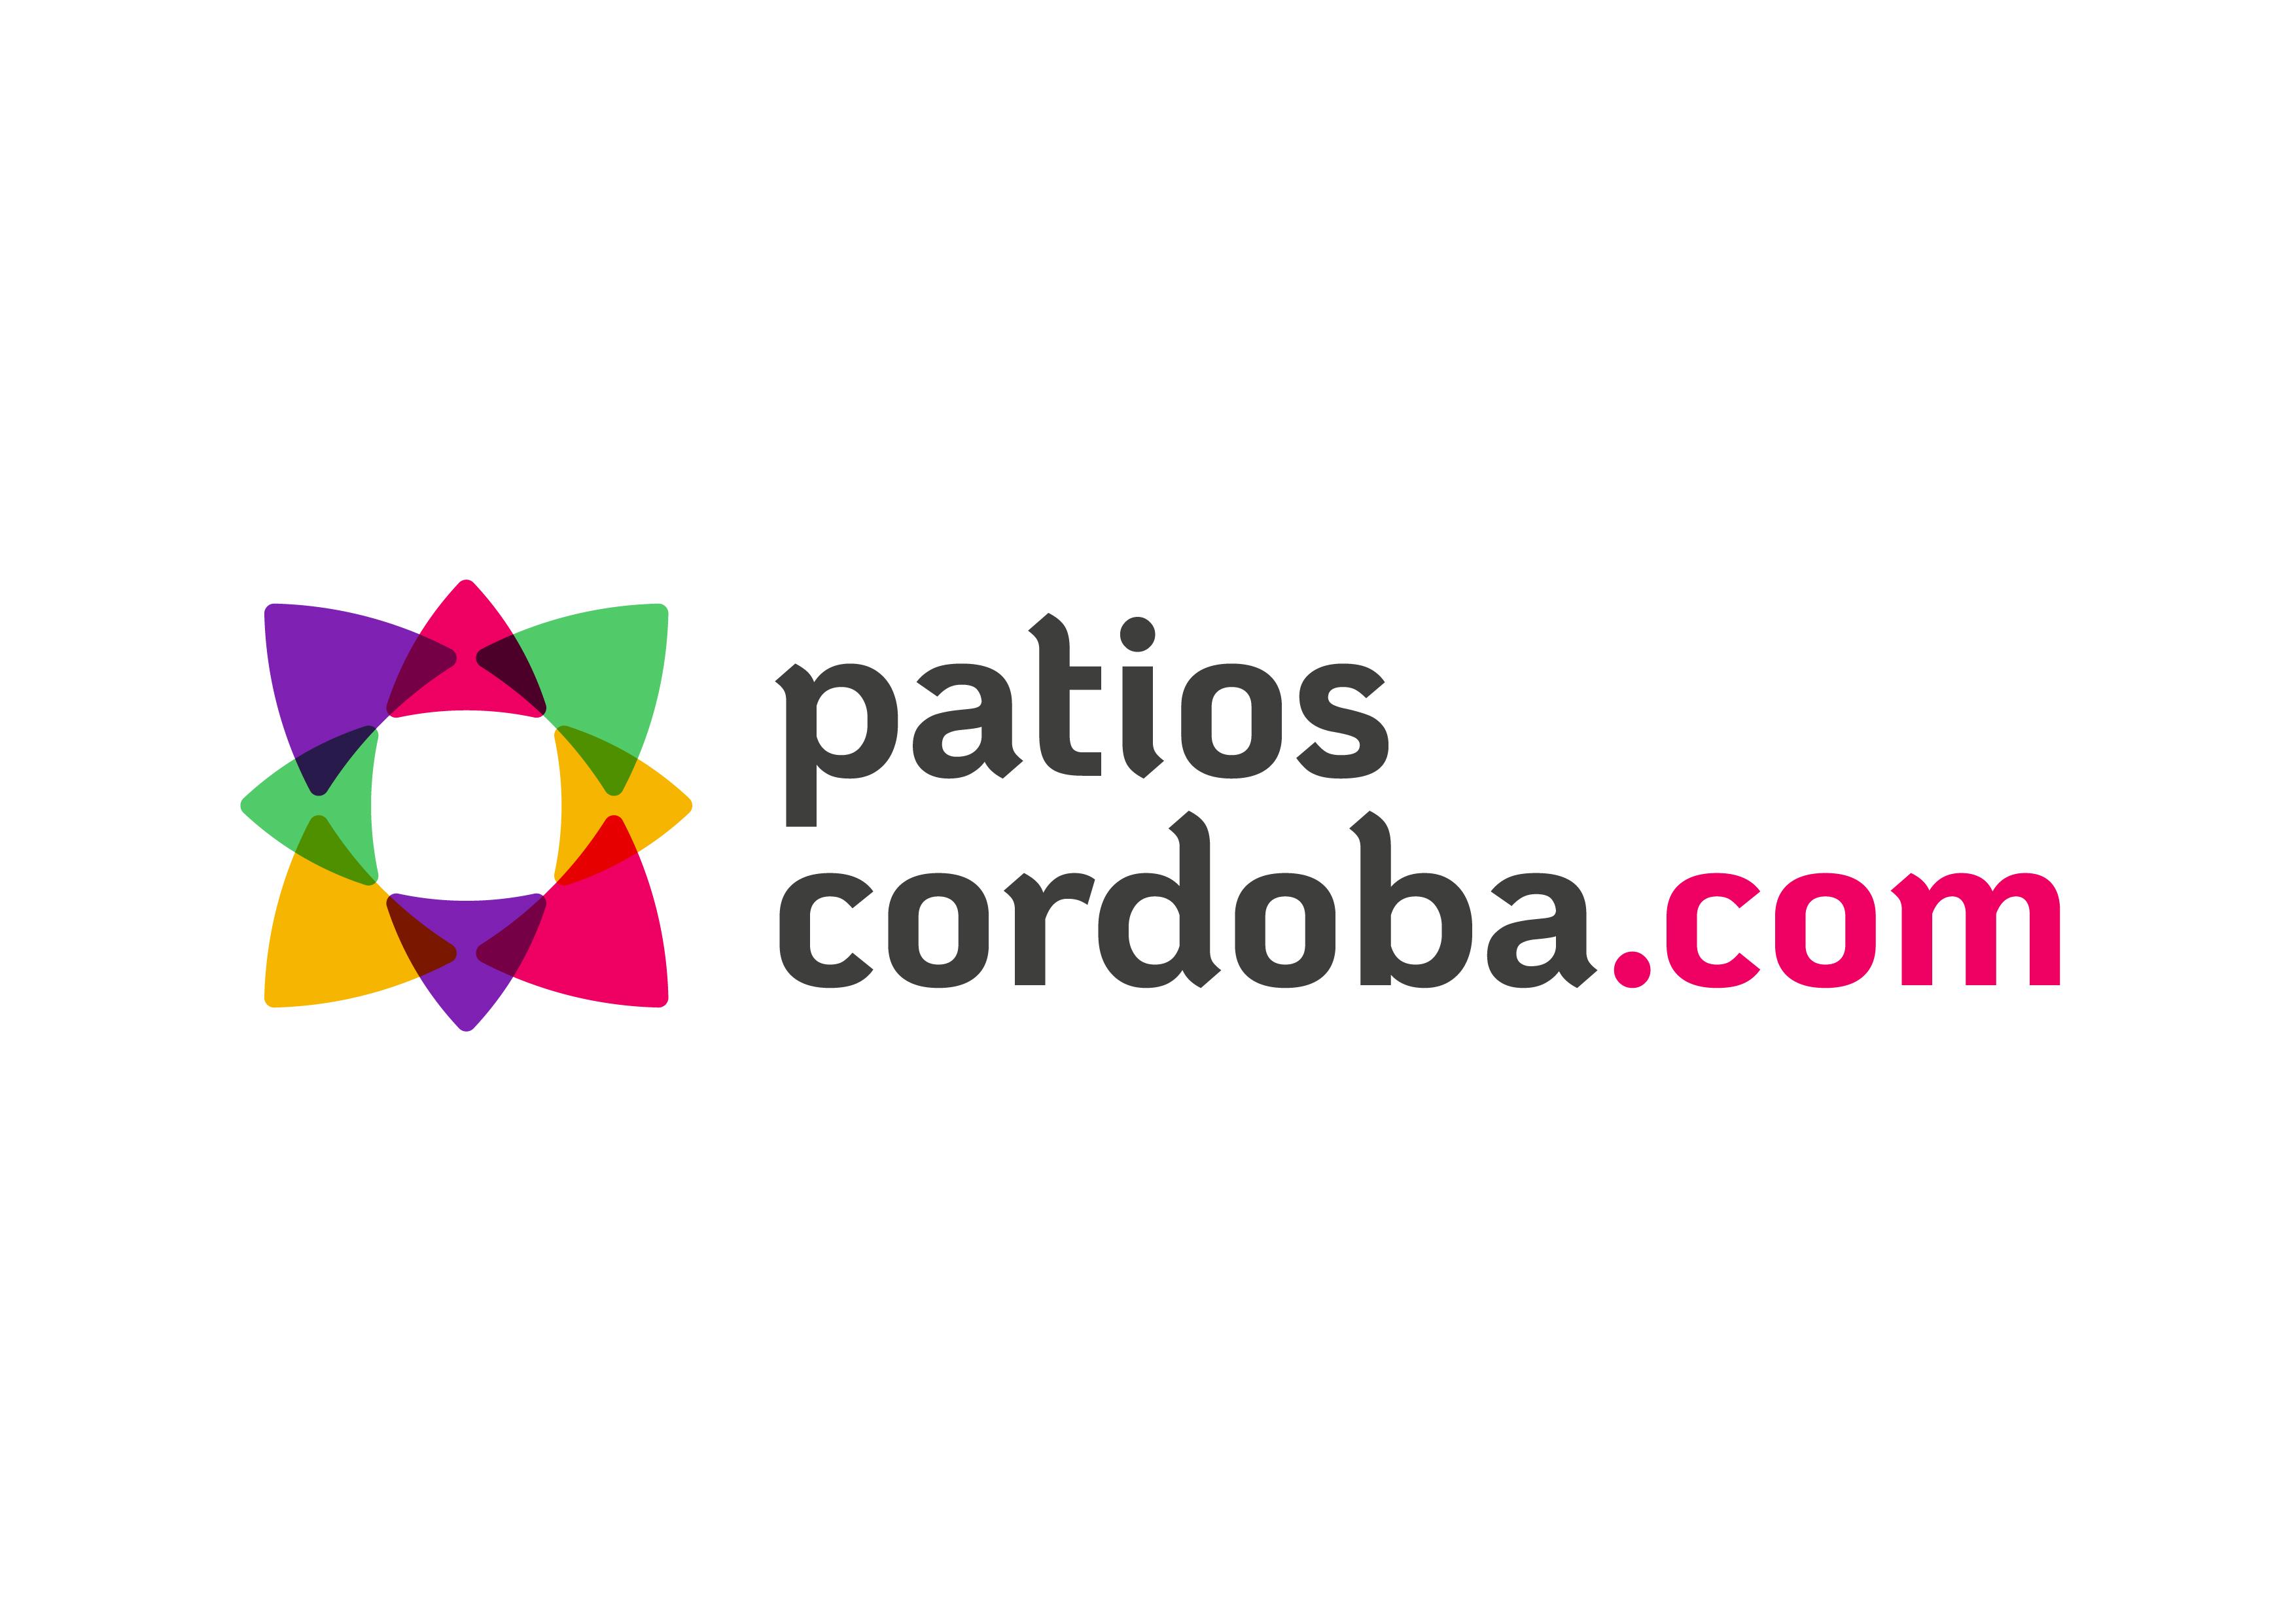 patioscordoba.com